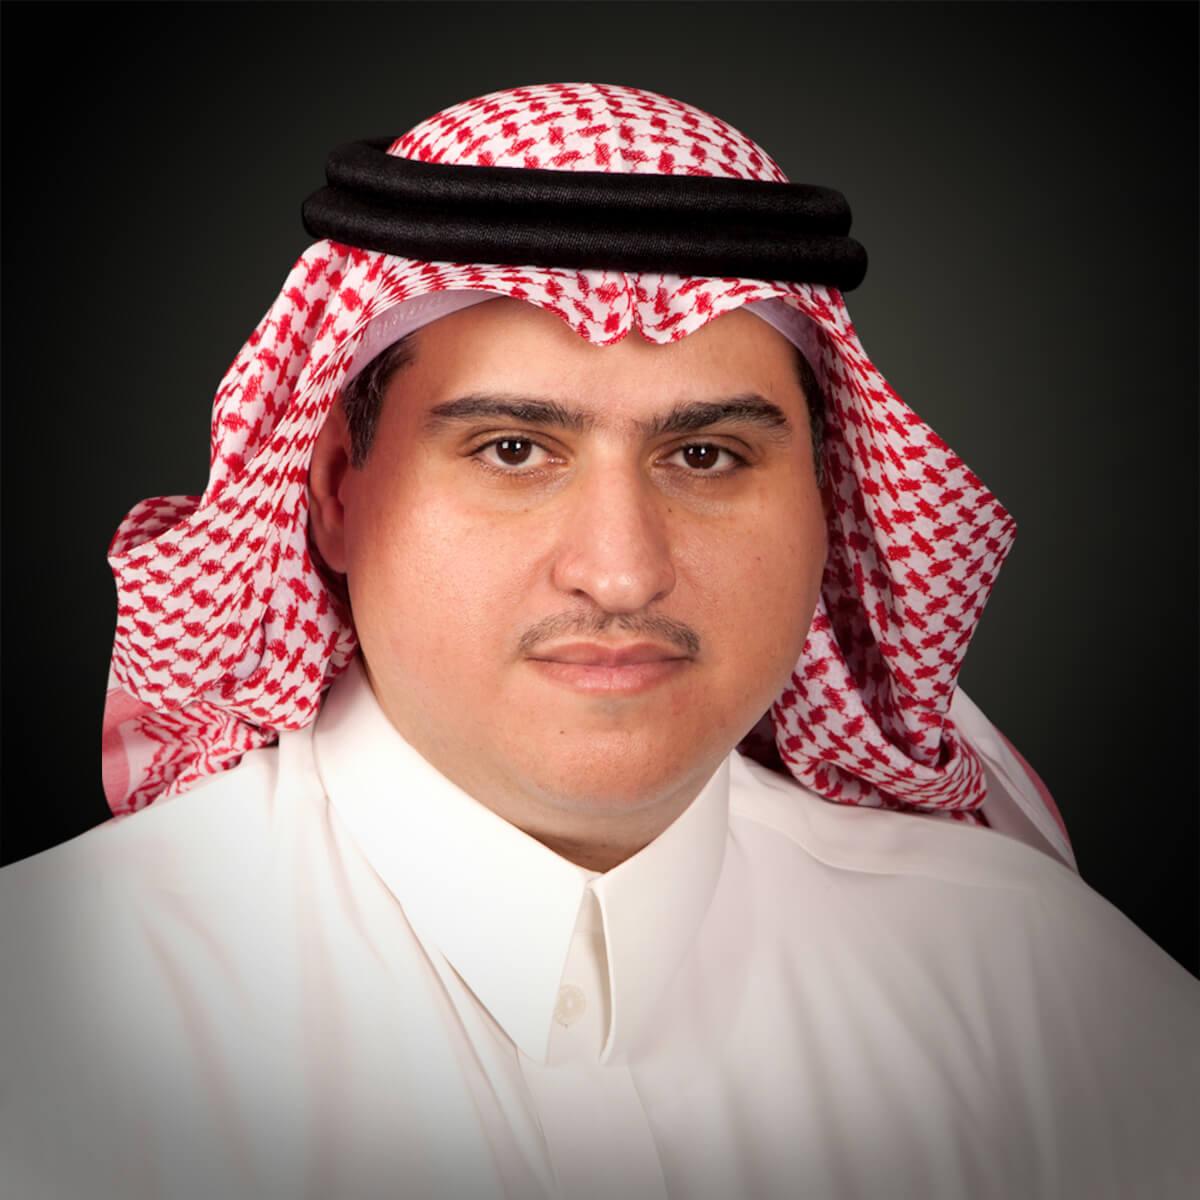 المجموعة السعودية للاستثمار الصناعي